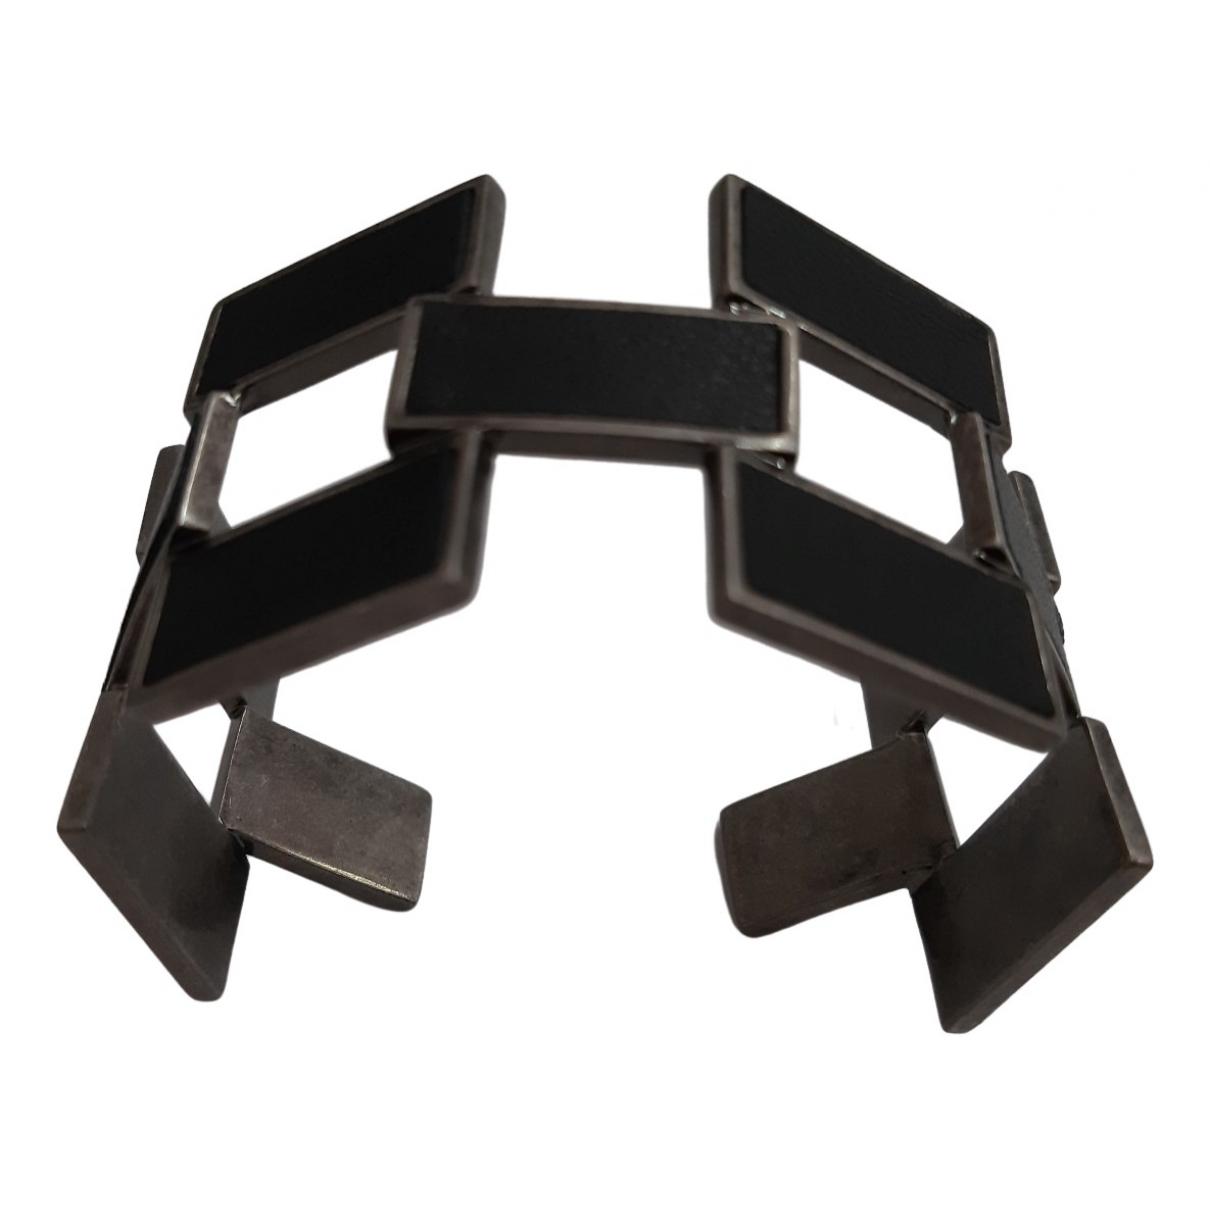 Saint Laurent \N Black Metal bracelet for Women \N